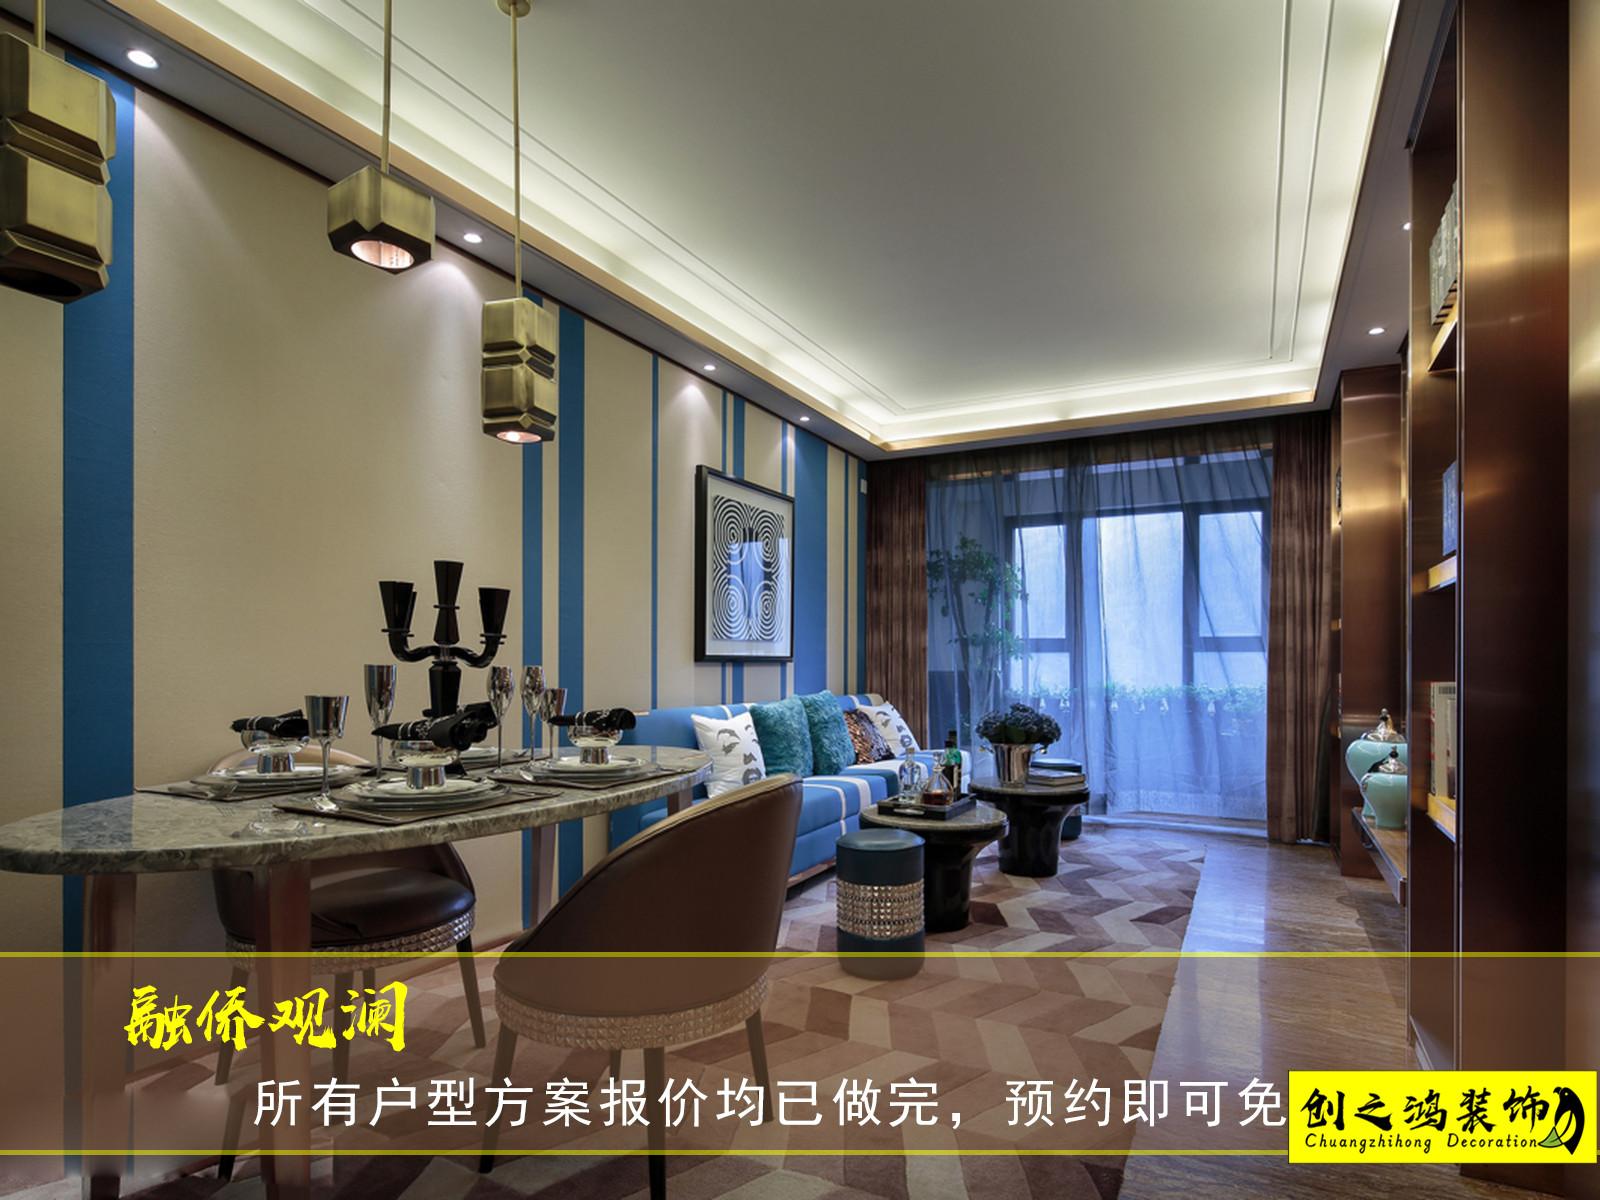 130㎡融侨观澜二室二厅现代简约风格装修效果图